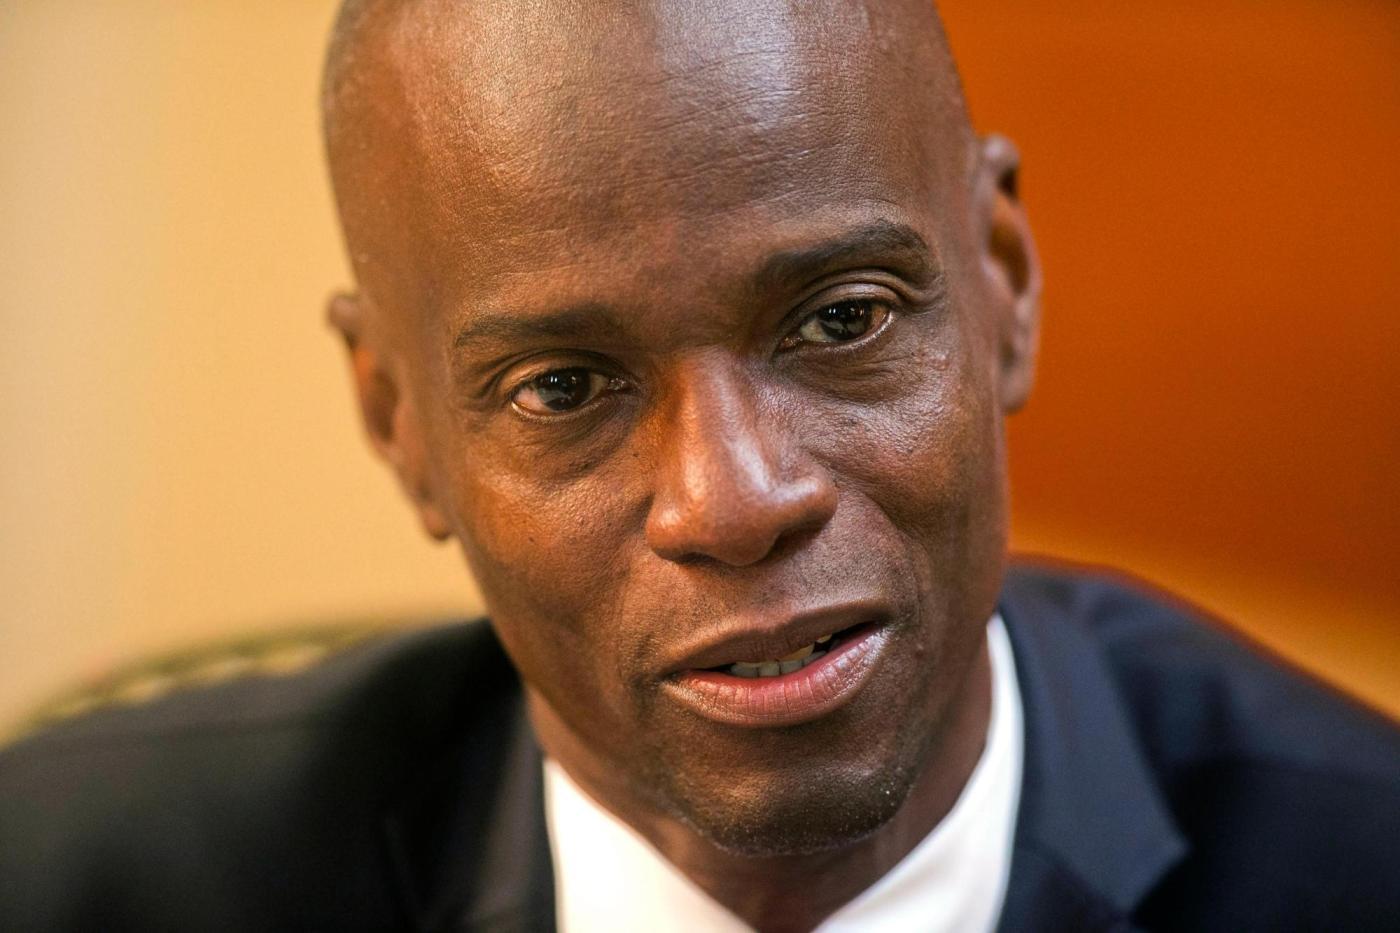 Haïti : Le Président Jovenel Moïse assassiné, sa femme blessée